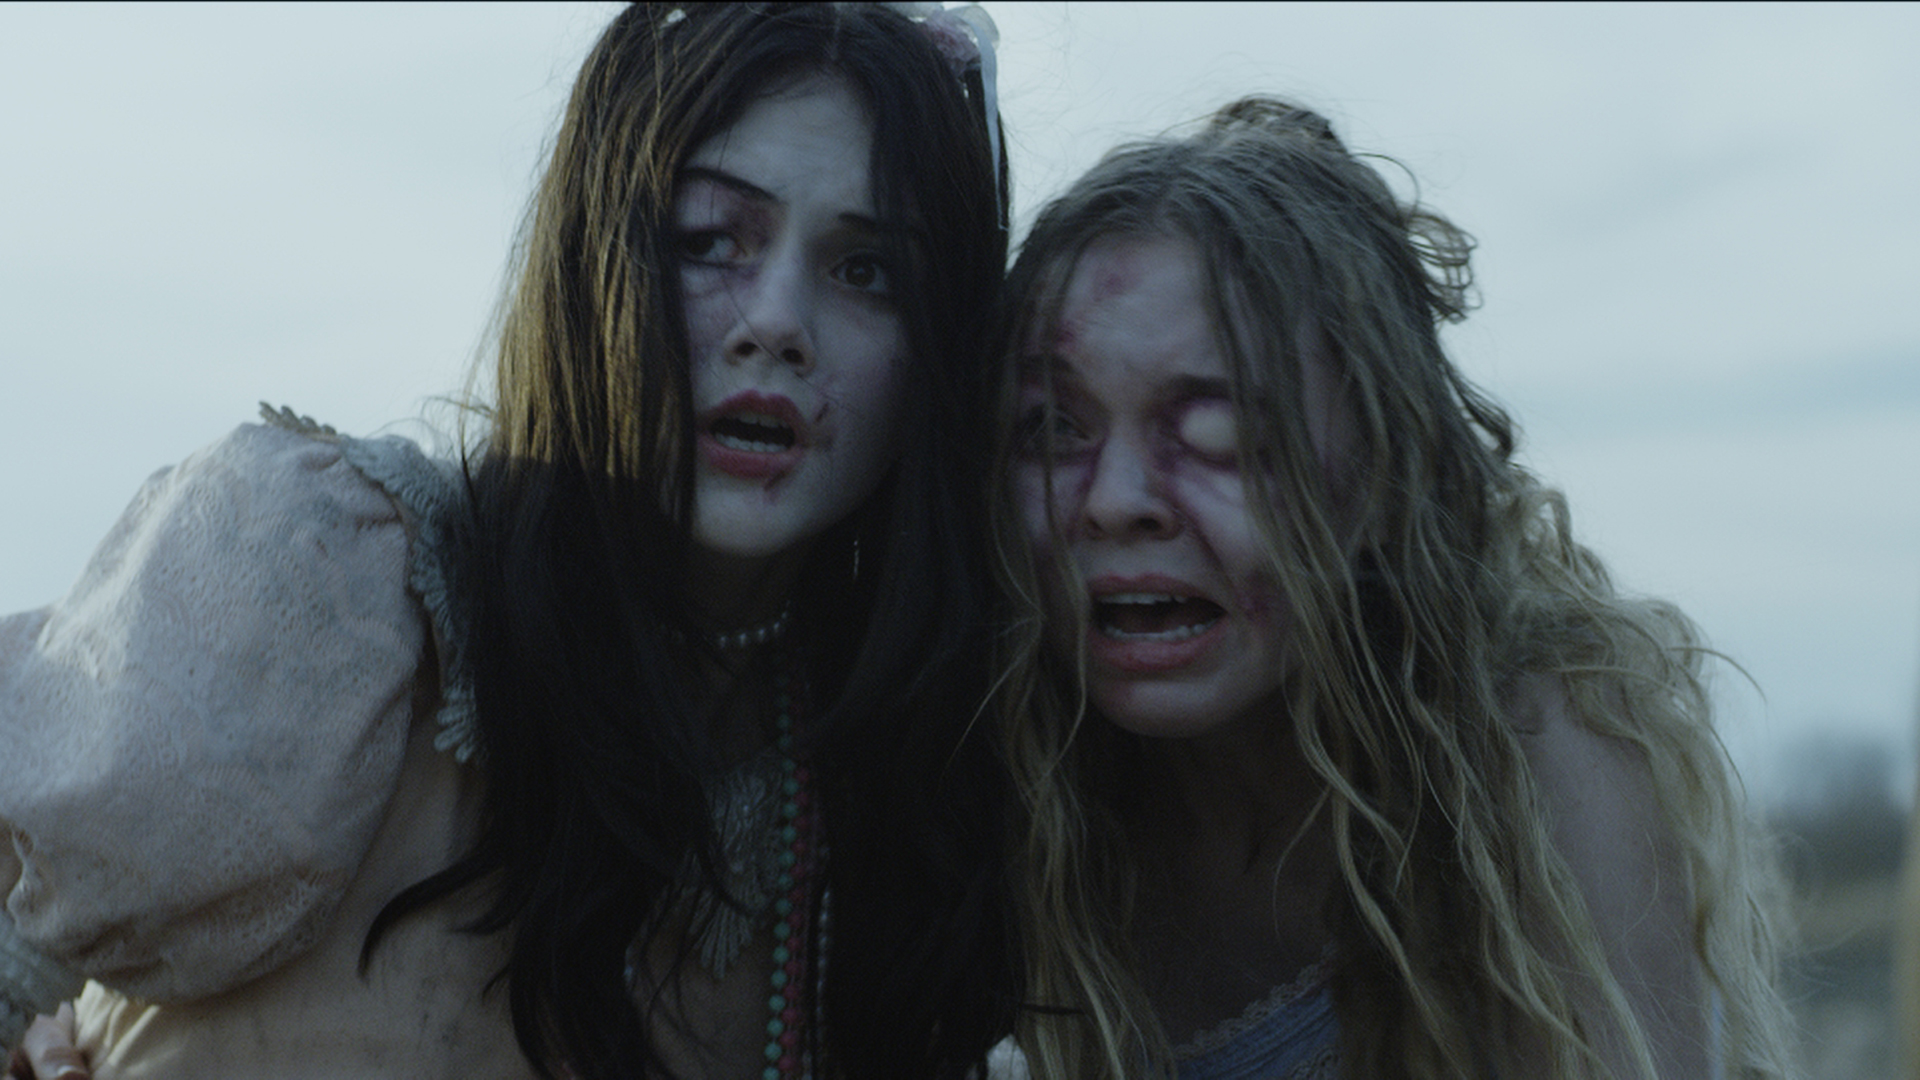 La casa delle bambole - Ghostland: una delle intense scene del film horror